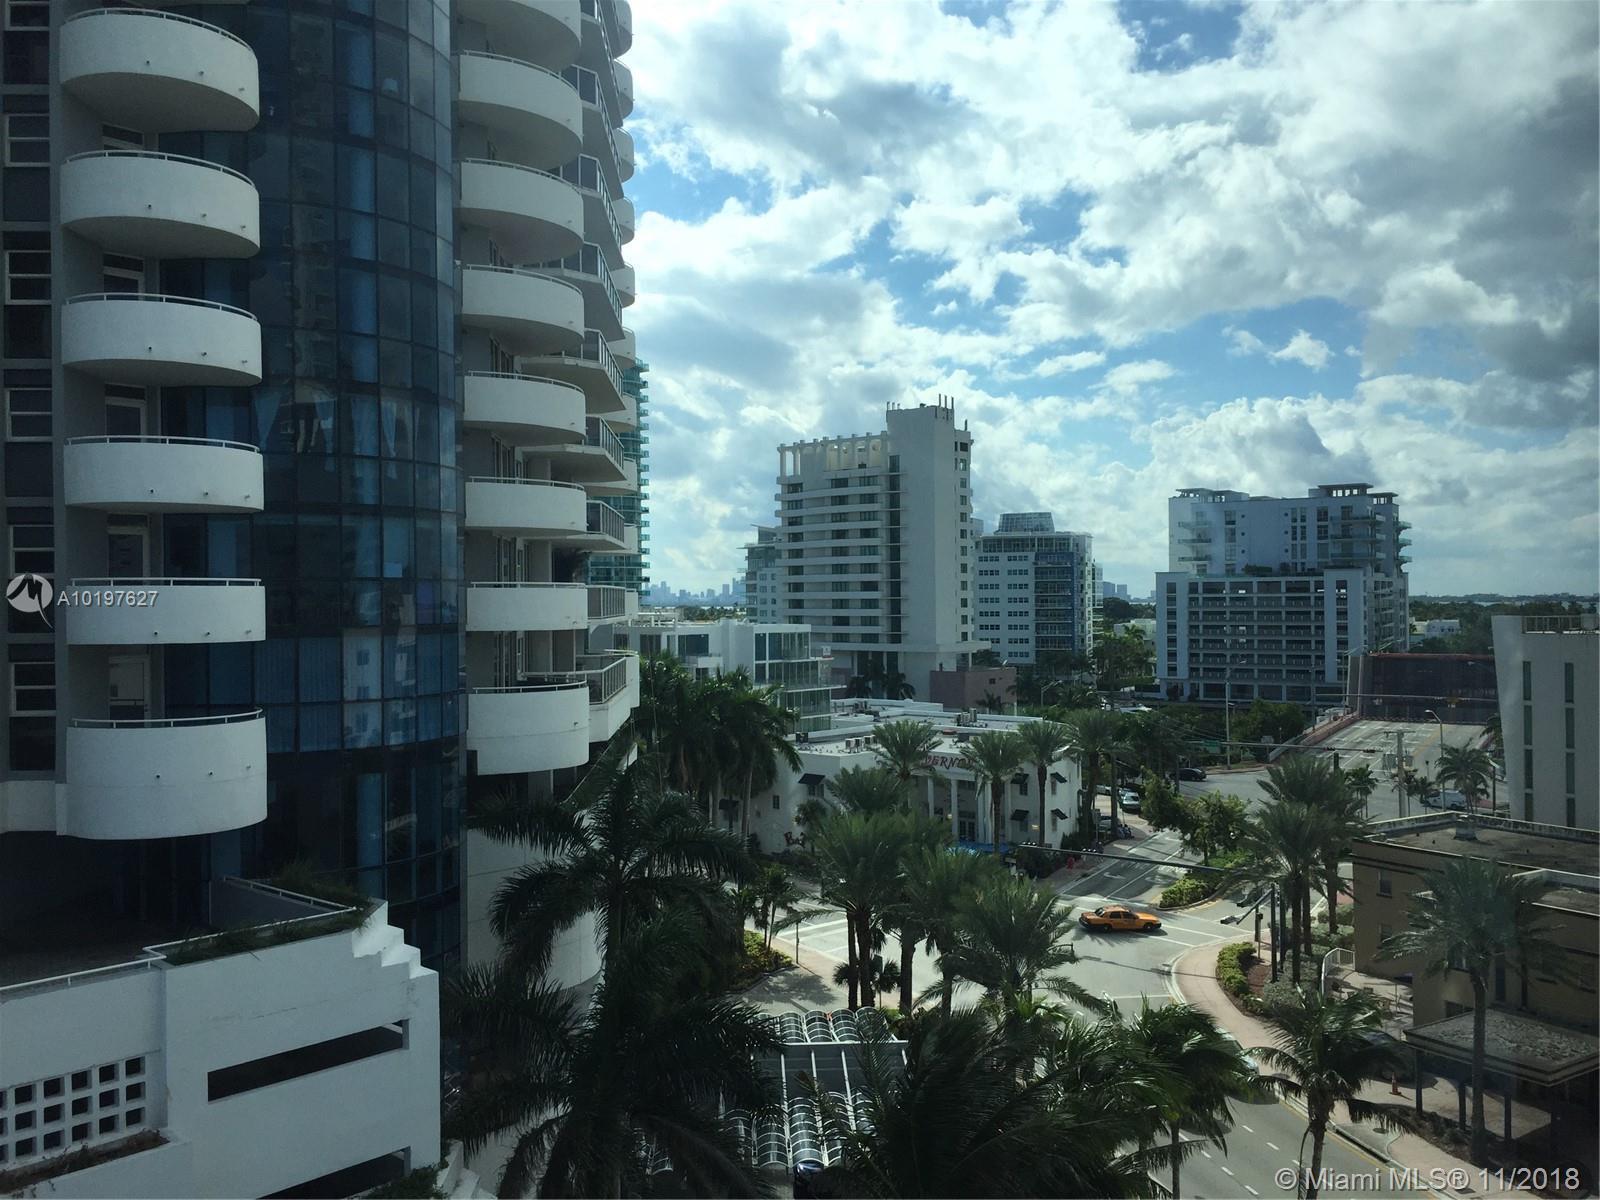 6345 Collins Ave Miami Beach FL 33141 Casablanca 809 North